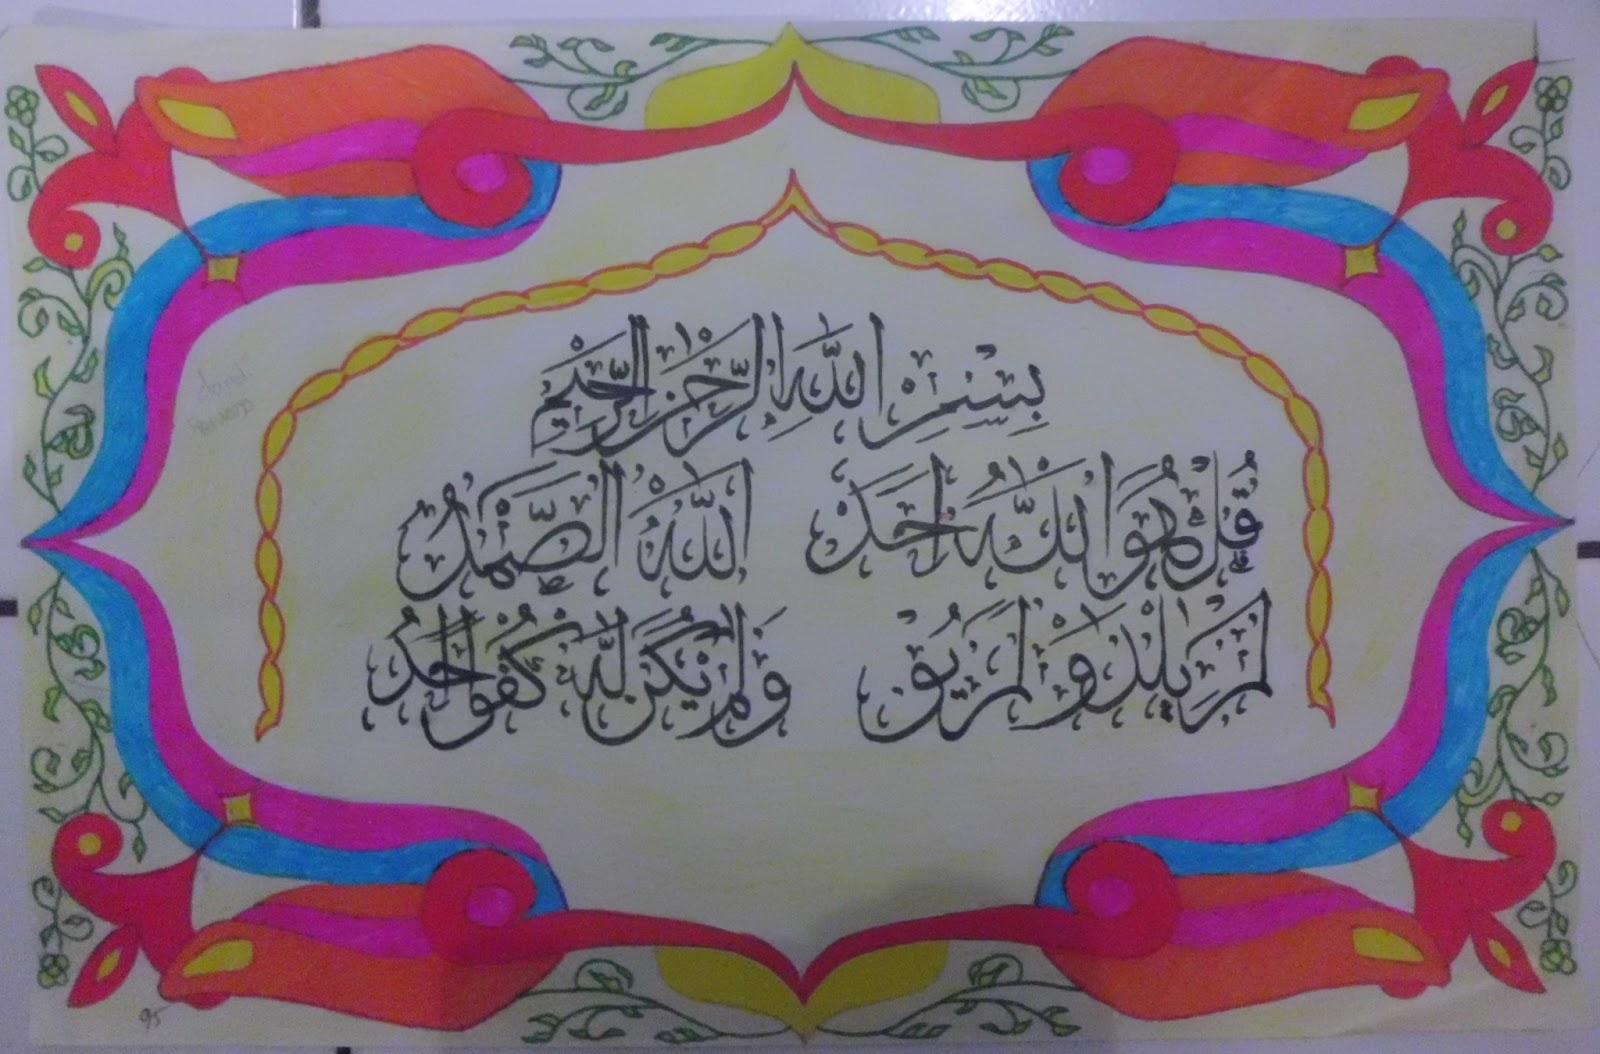 Gambar Hiasan Pinggir Kaligrafi Sederhana Cikimmcom